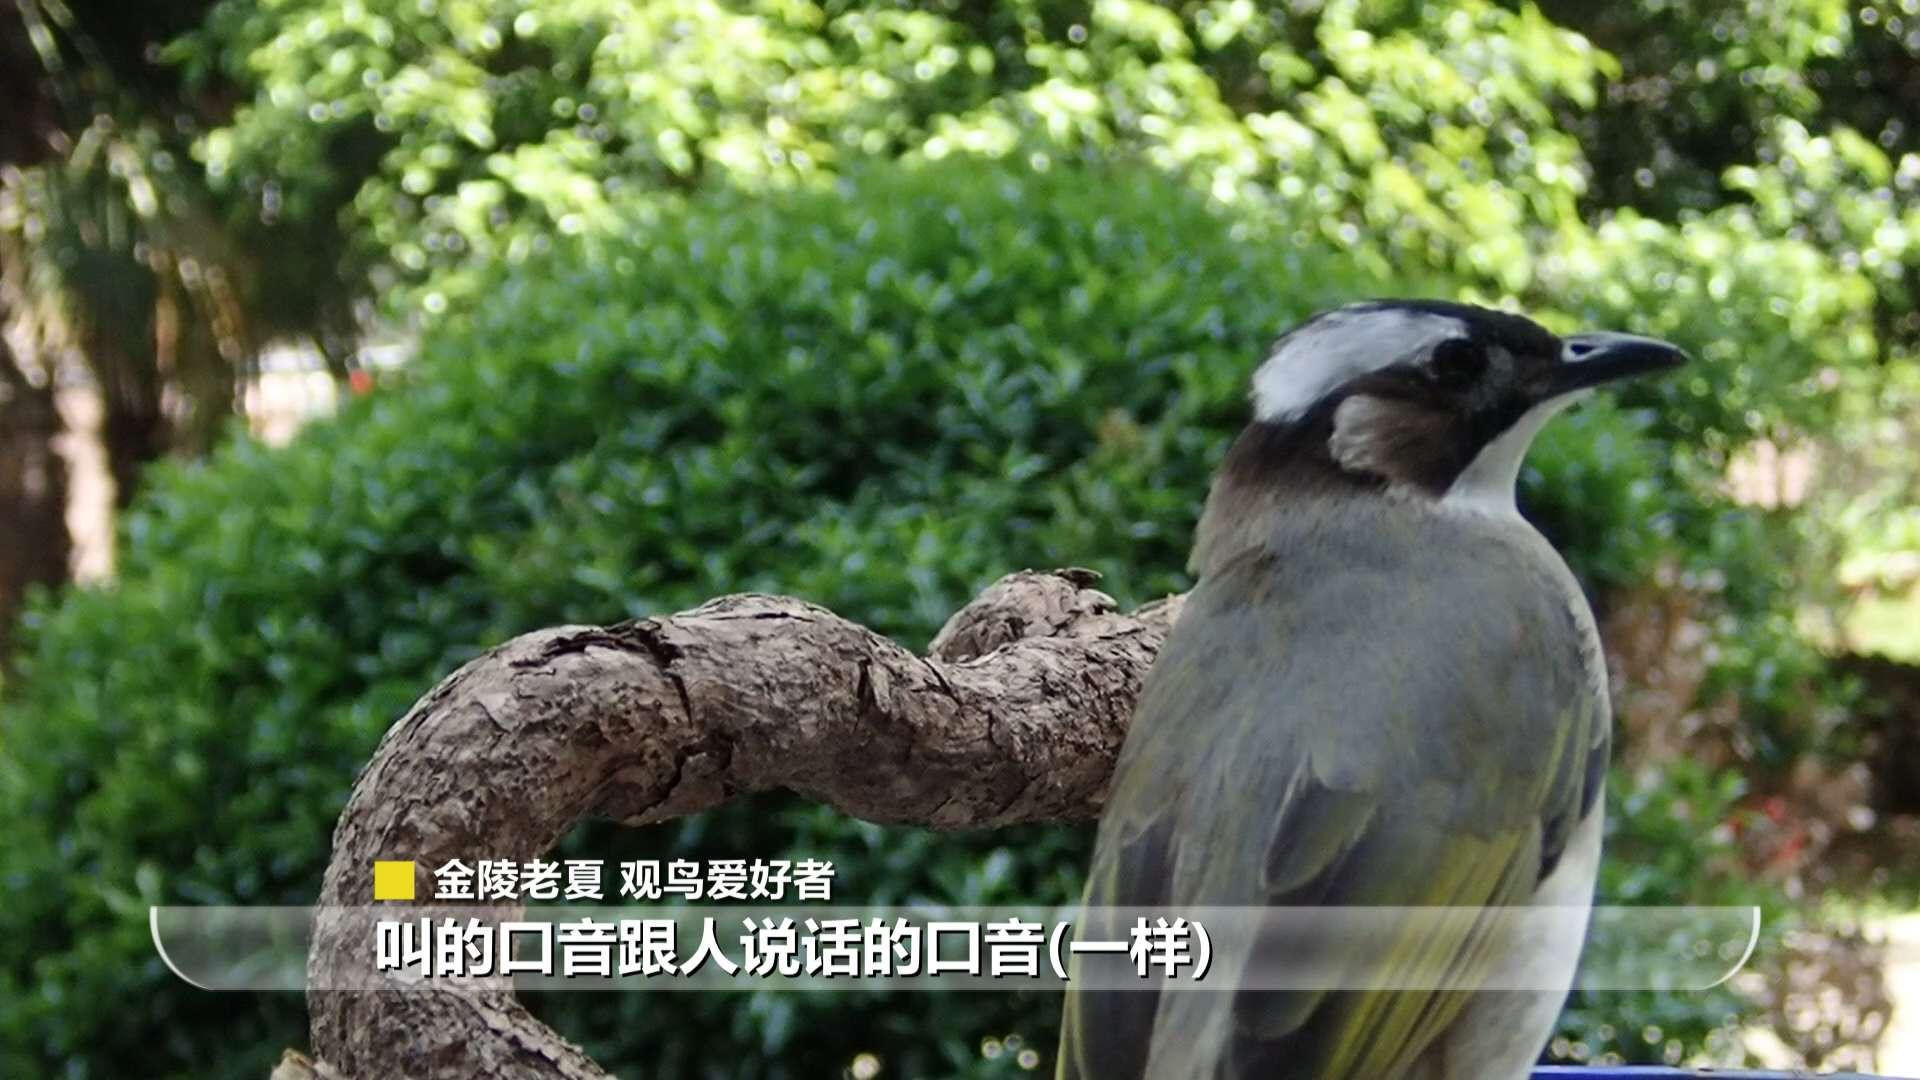 看,南京这座城市有多野 | 我苏特稿